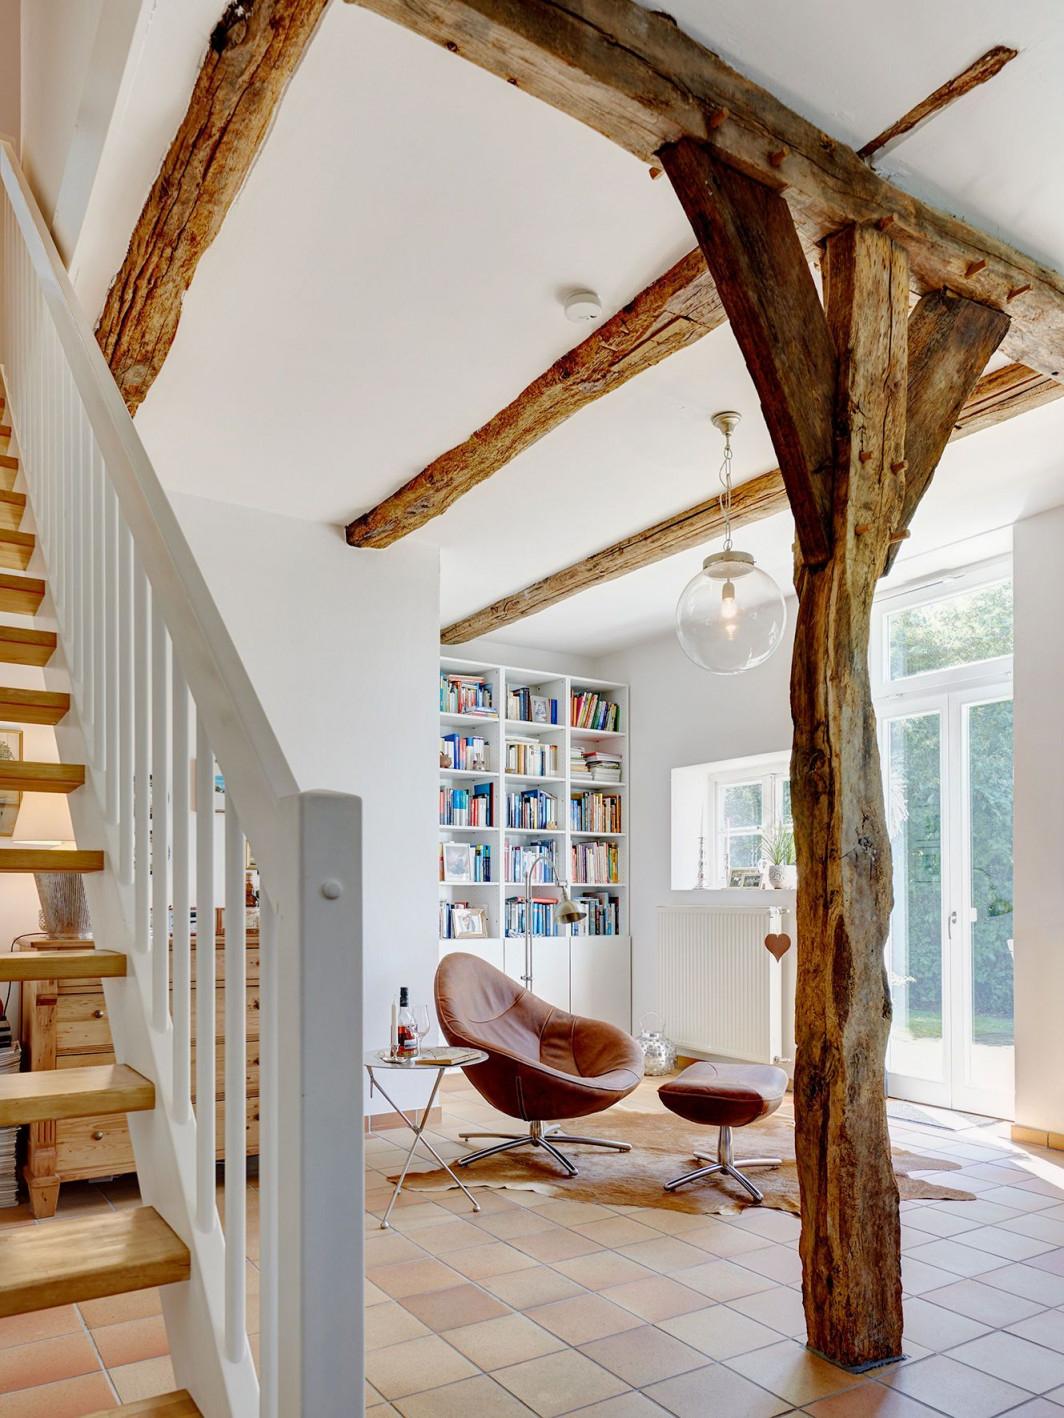 Deckengestaltung Ideen Für Die Gestaltung Der Zimmerdecke von Zimmerdecken Gestalten Wohnzimmer Photo